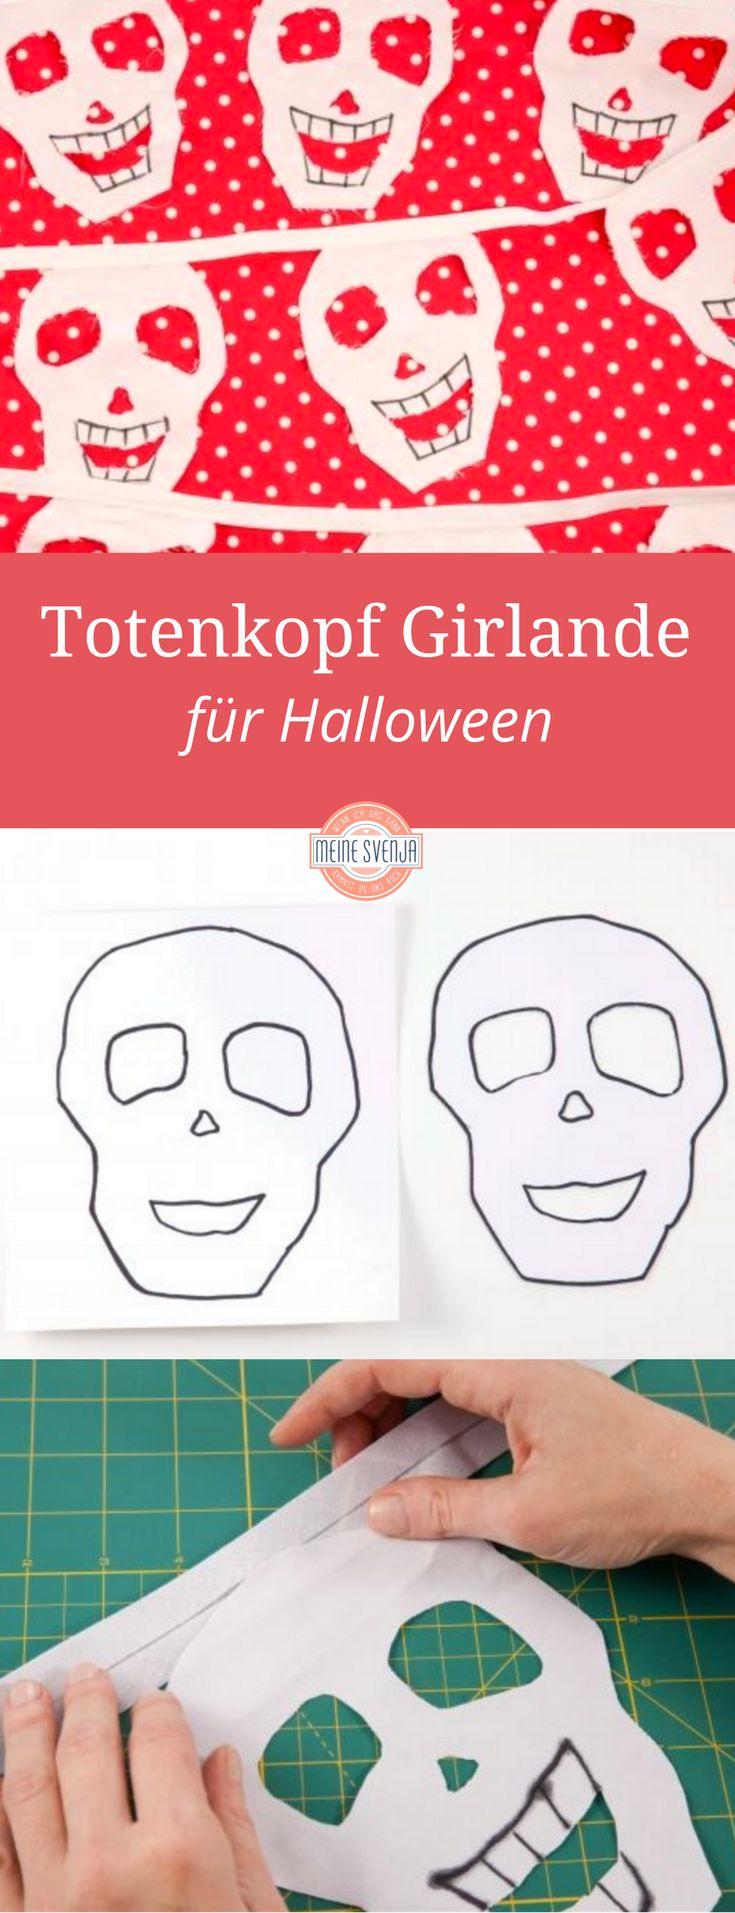 Totenkopfgirlande - Totenkopf Wimpelkette